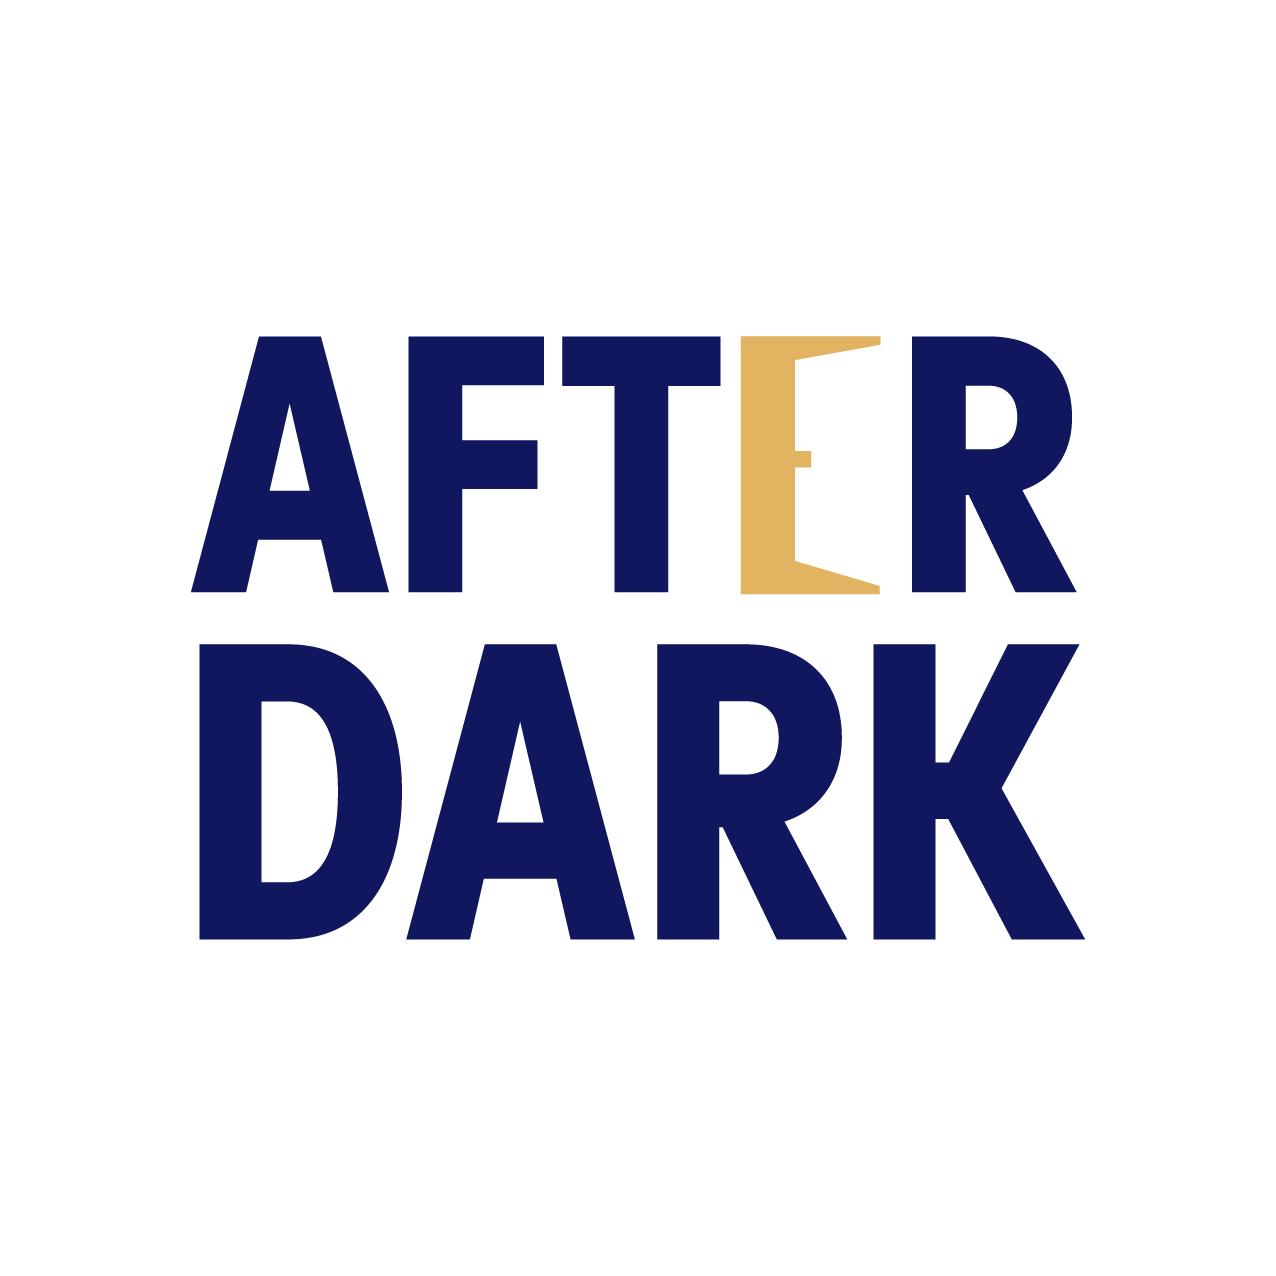 After_Dark_logo-01